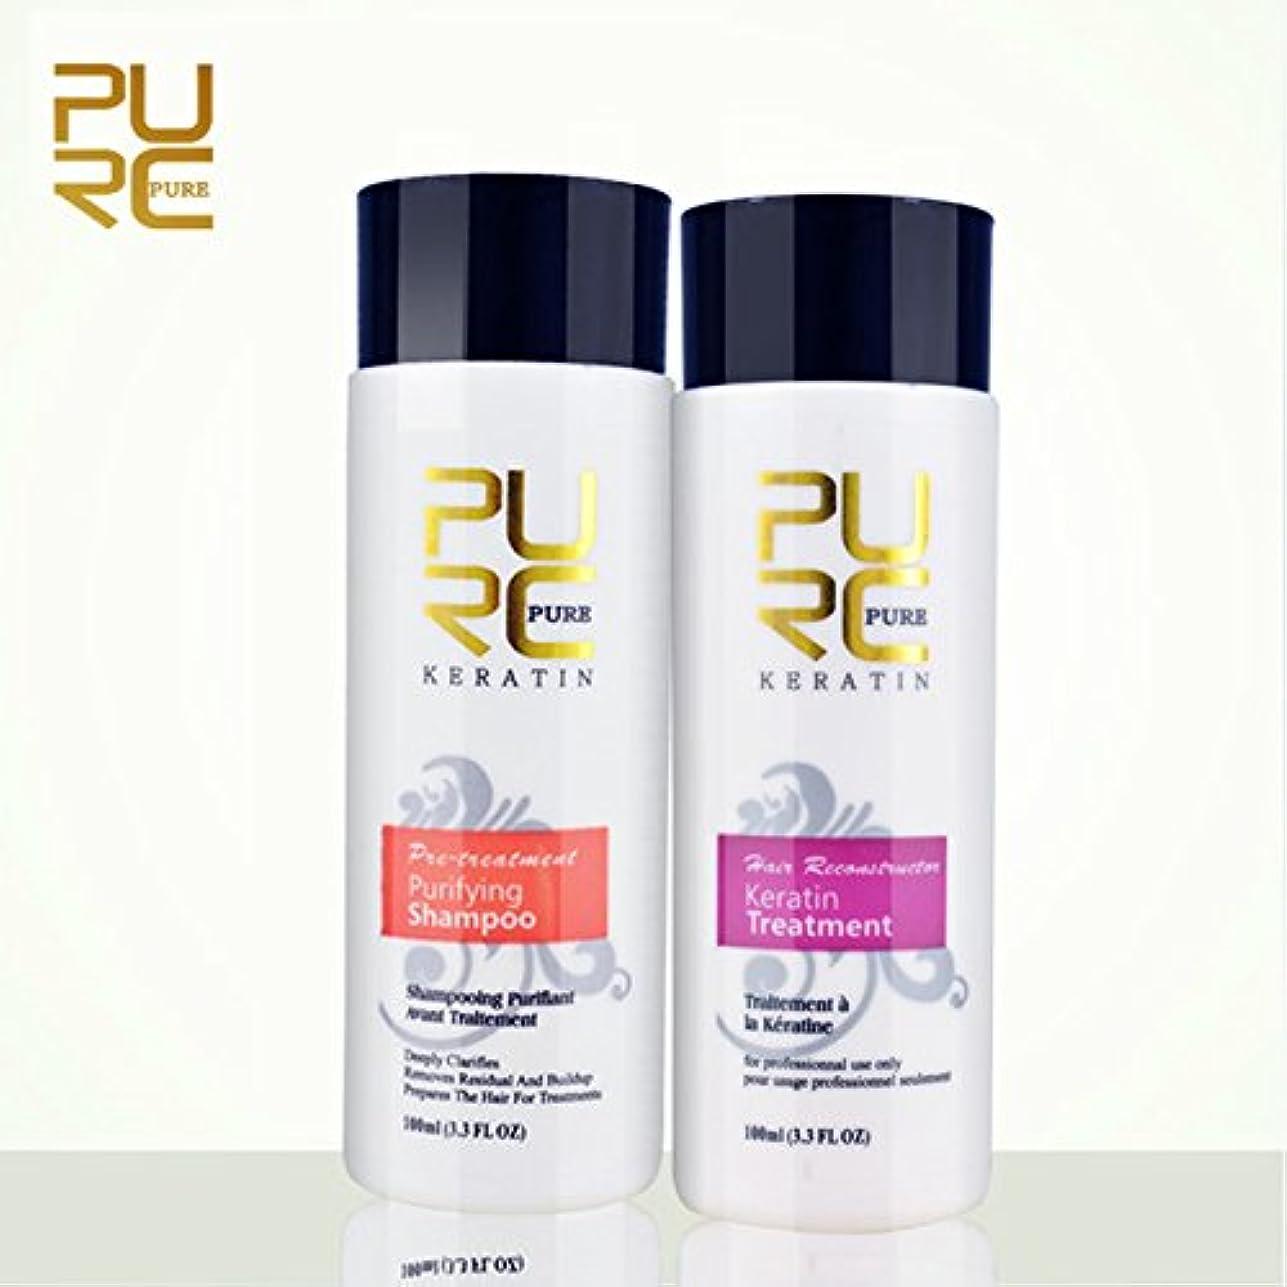 自体境界住人SET of 2 - PURE Straightening hair Repair and straighten damage hair products Brazilian keratin treatment + purifying...